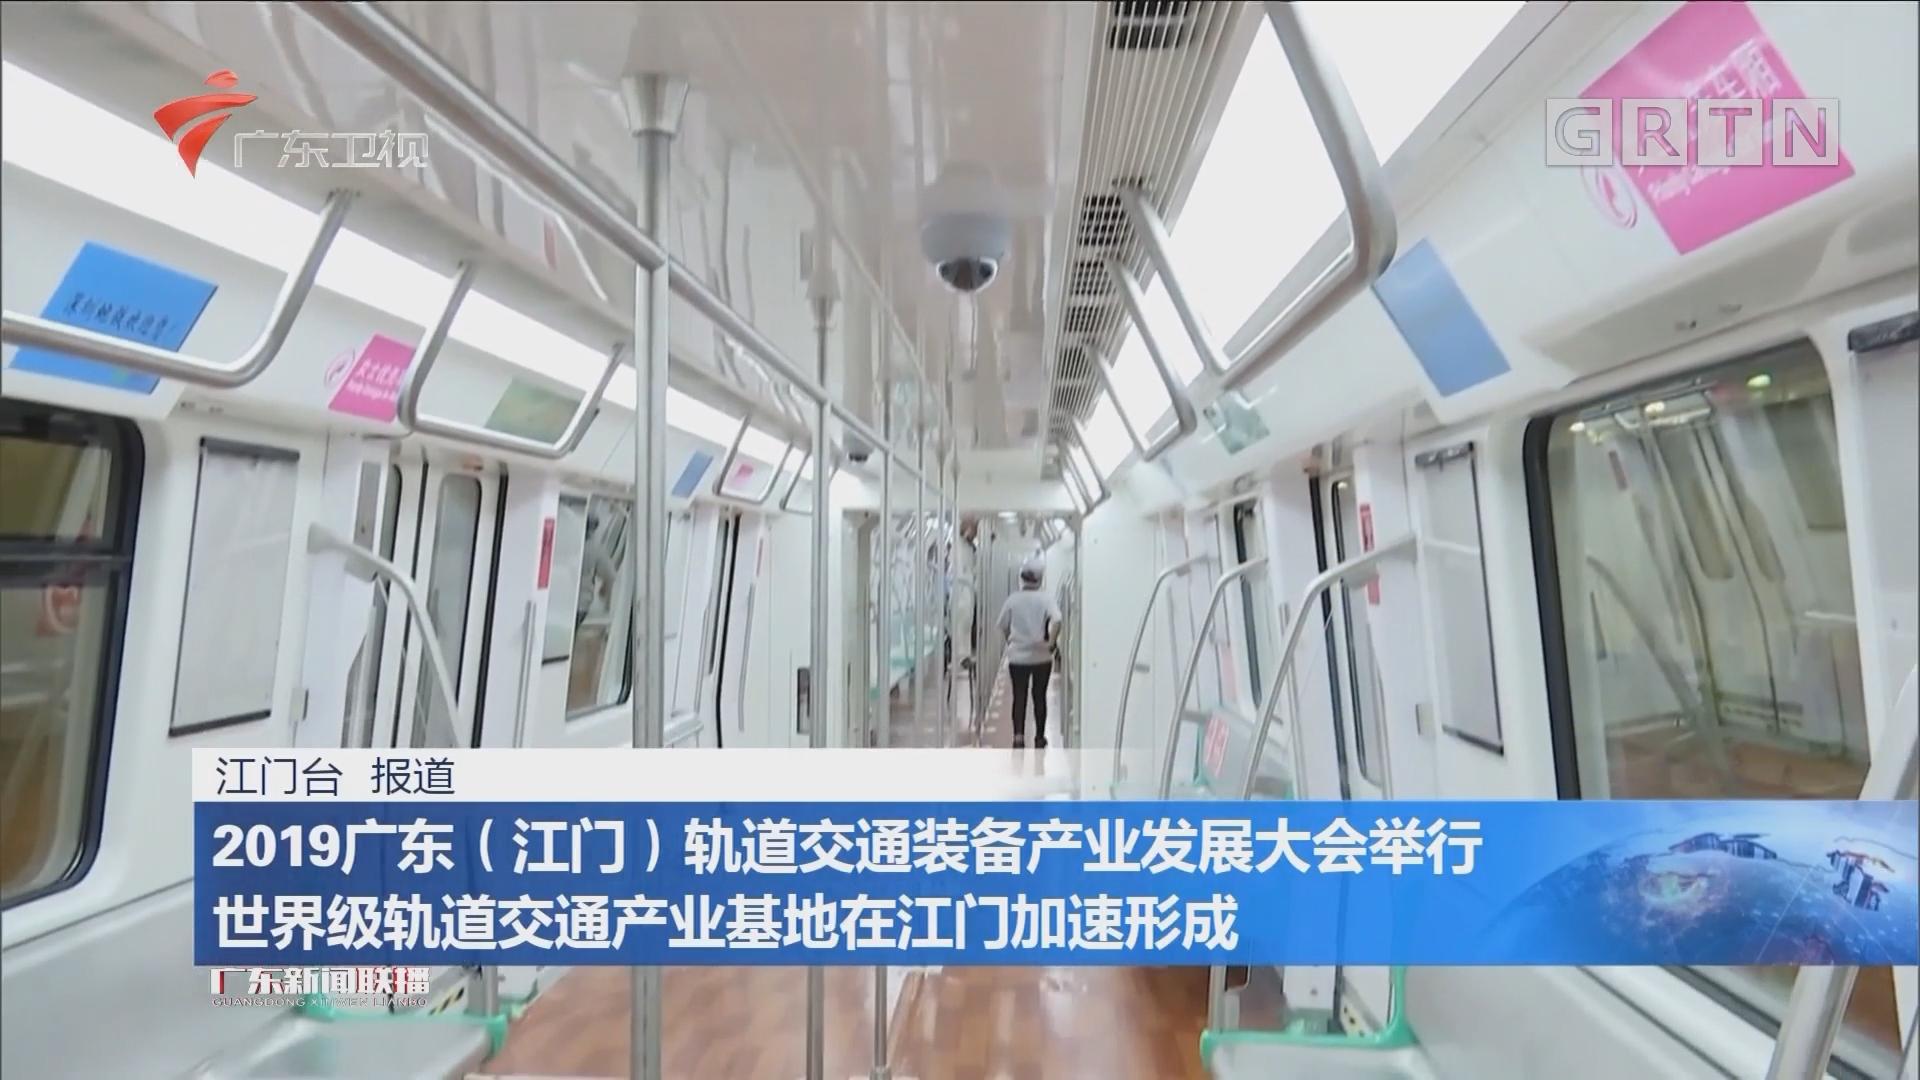 2019广东(江门)轨道交通装备产业发展大会举行 世界级轨道交通产业基地在江门加速形成